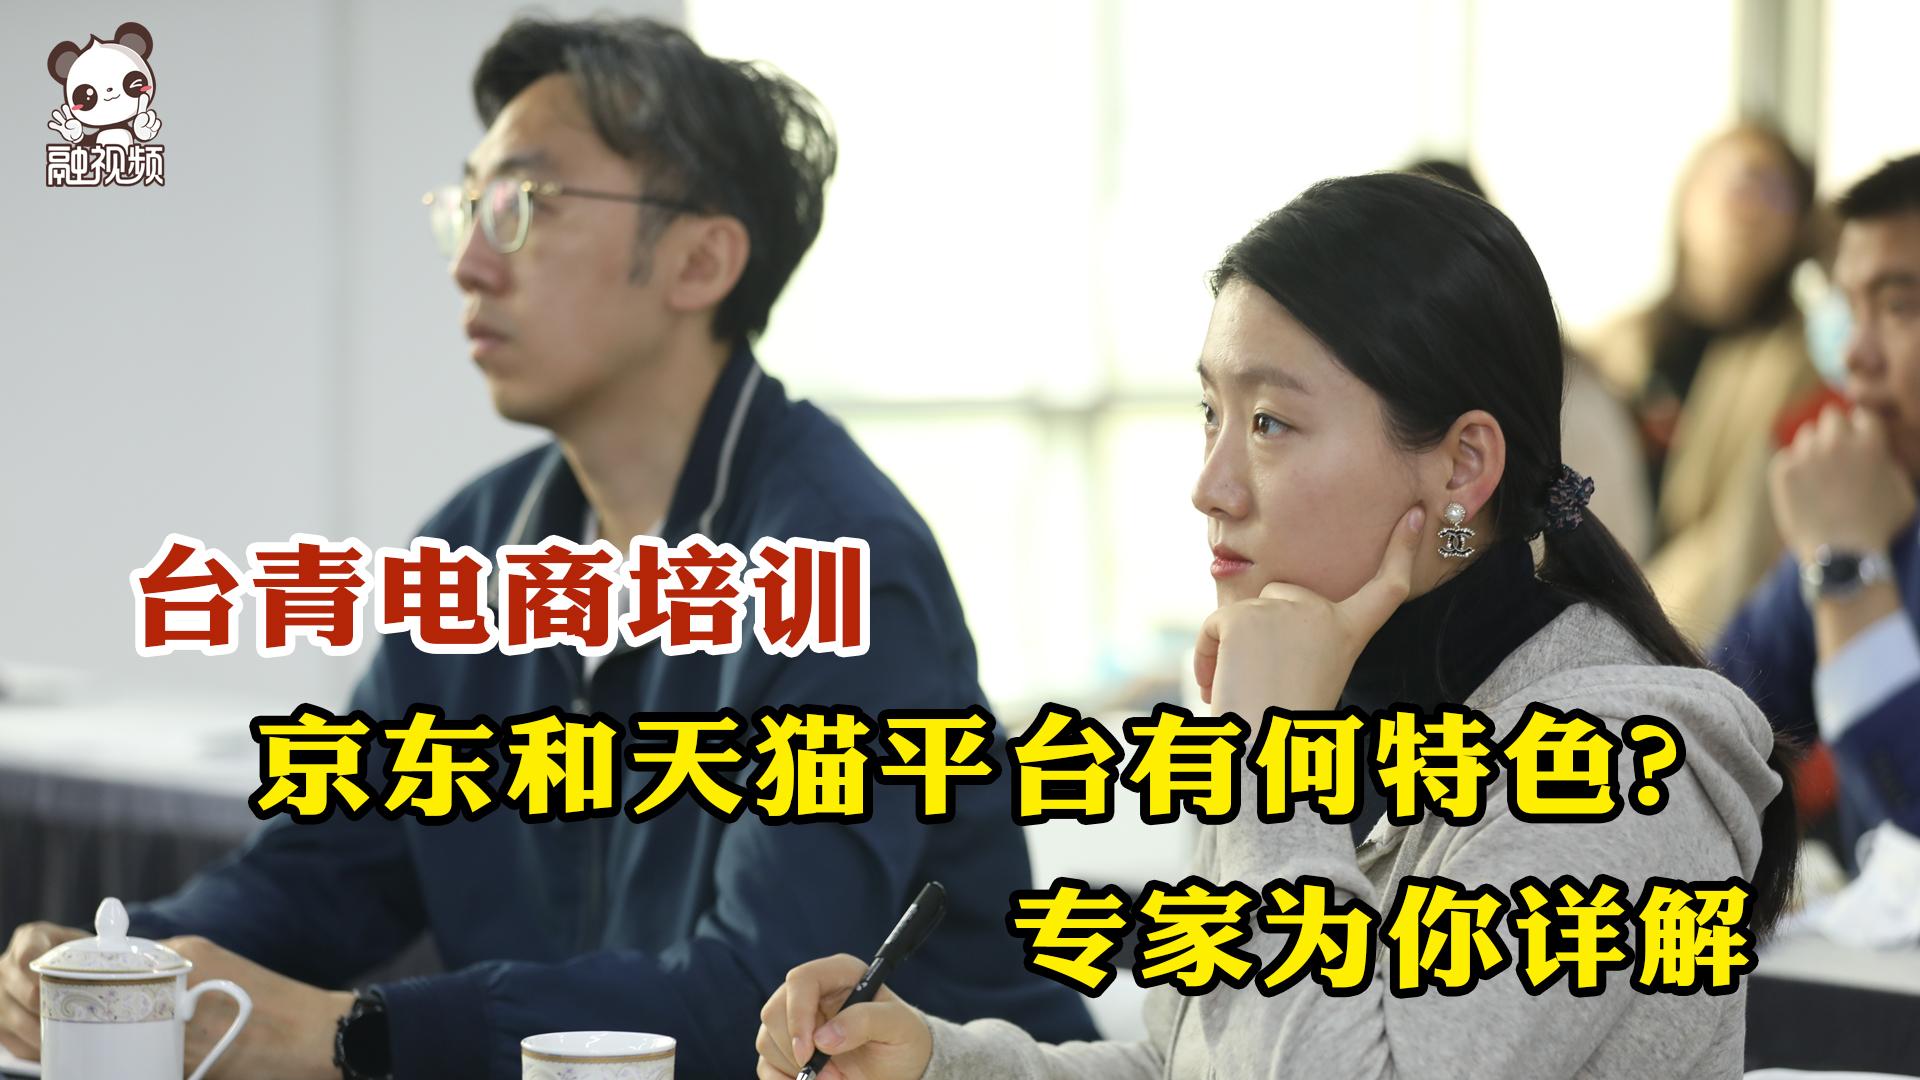 台青电商培训——京东和天猫平台有何特色?专家为你详解图片